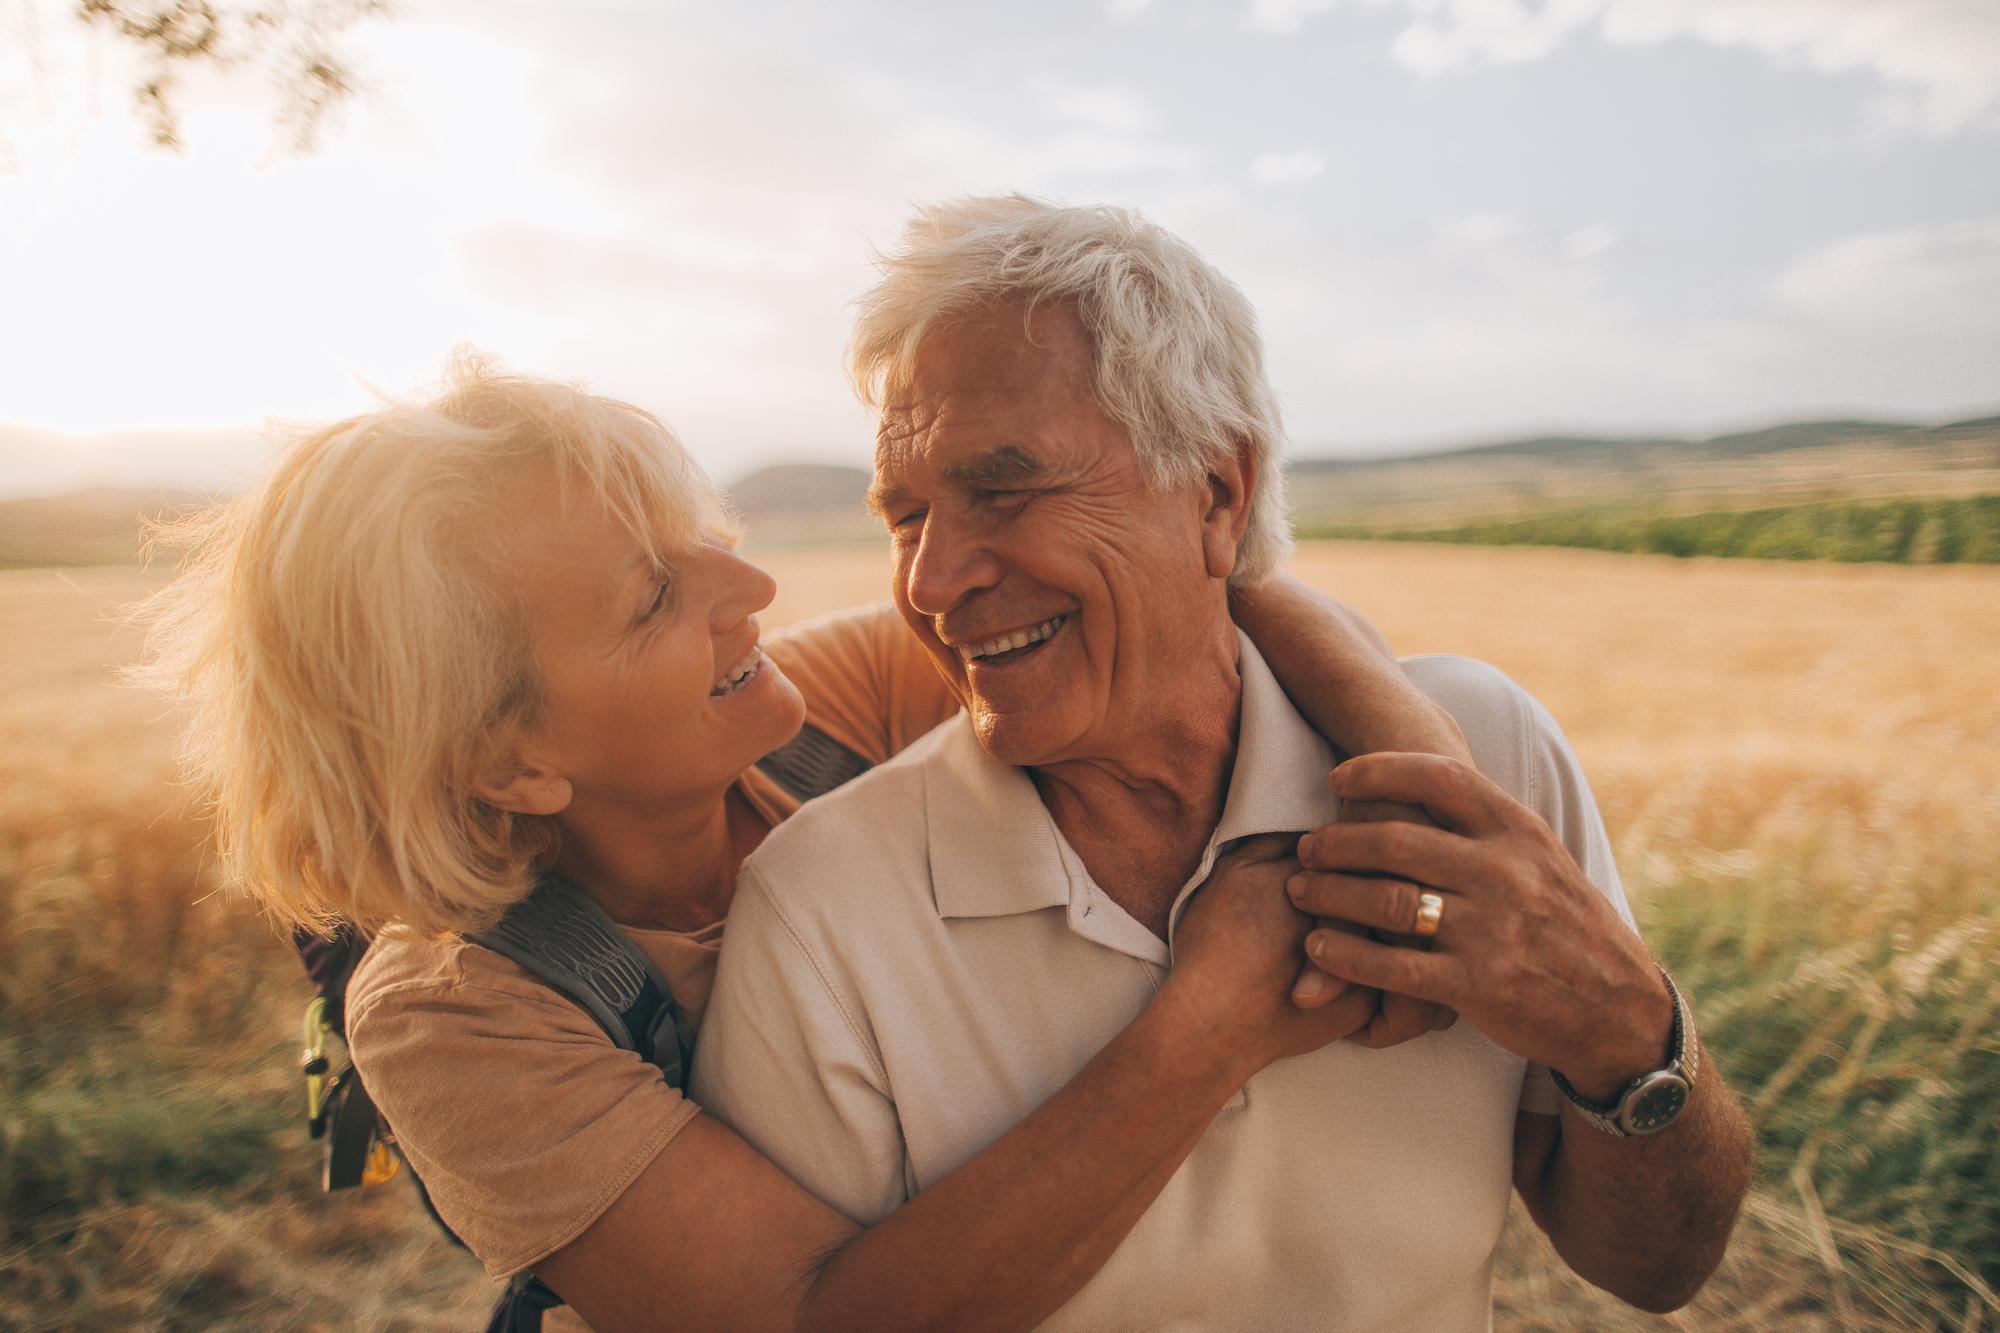 الحب عند كبار السن